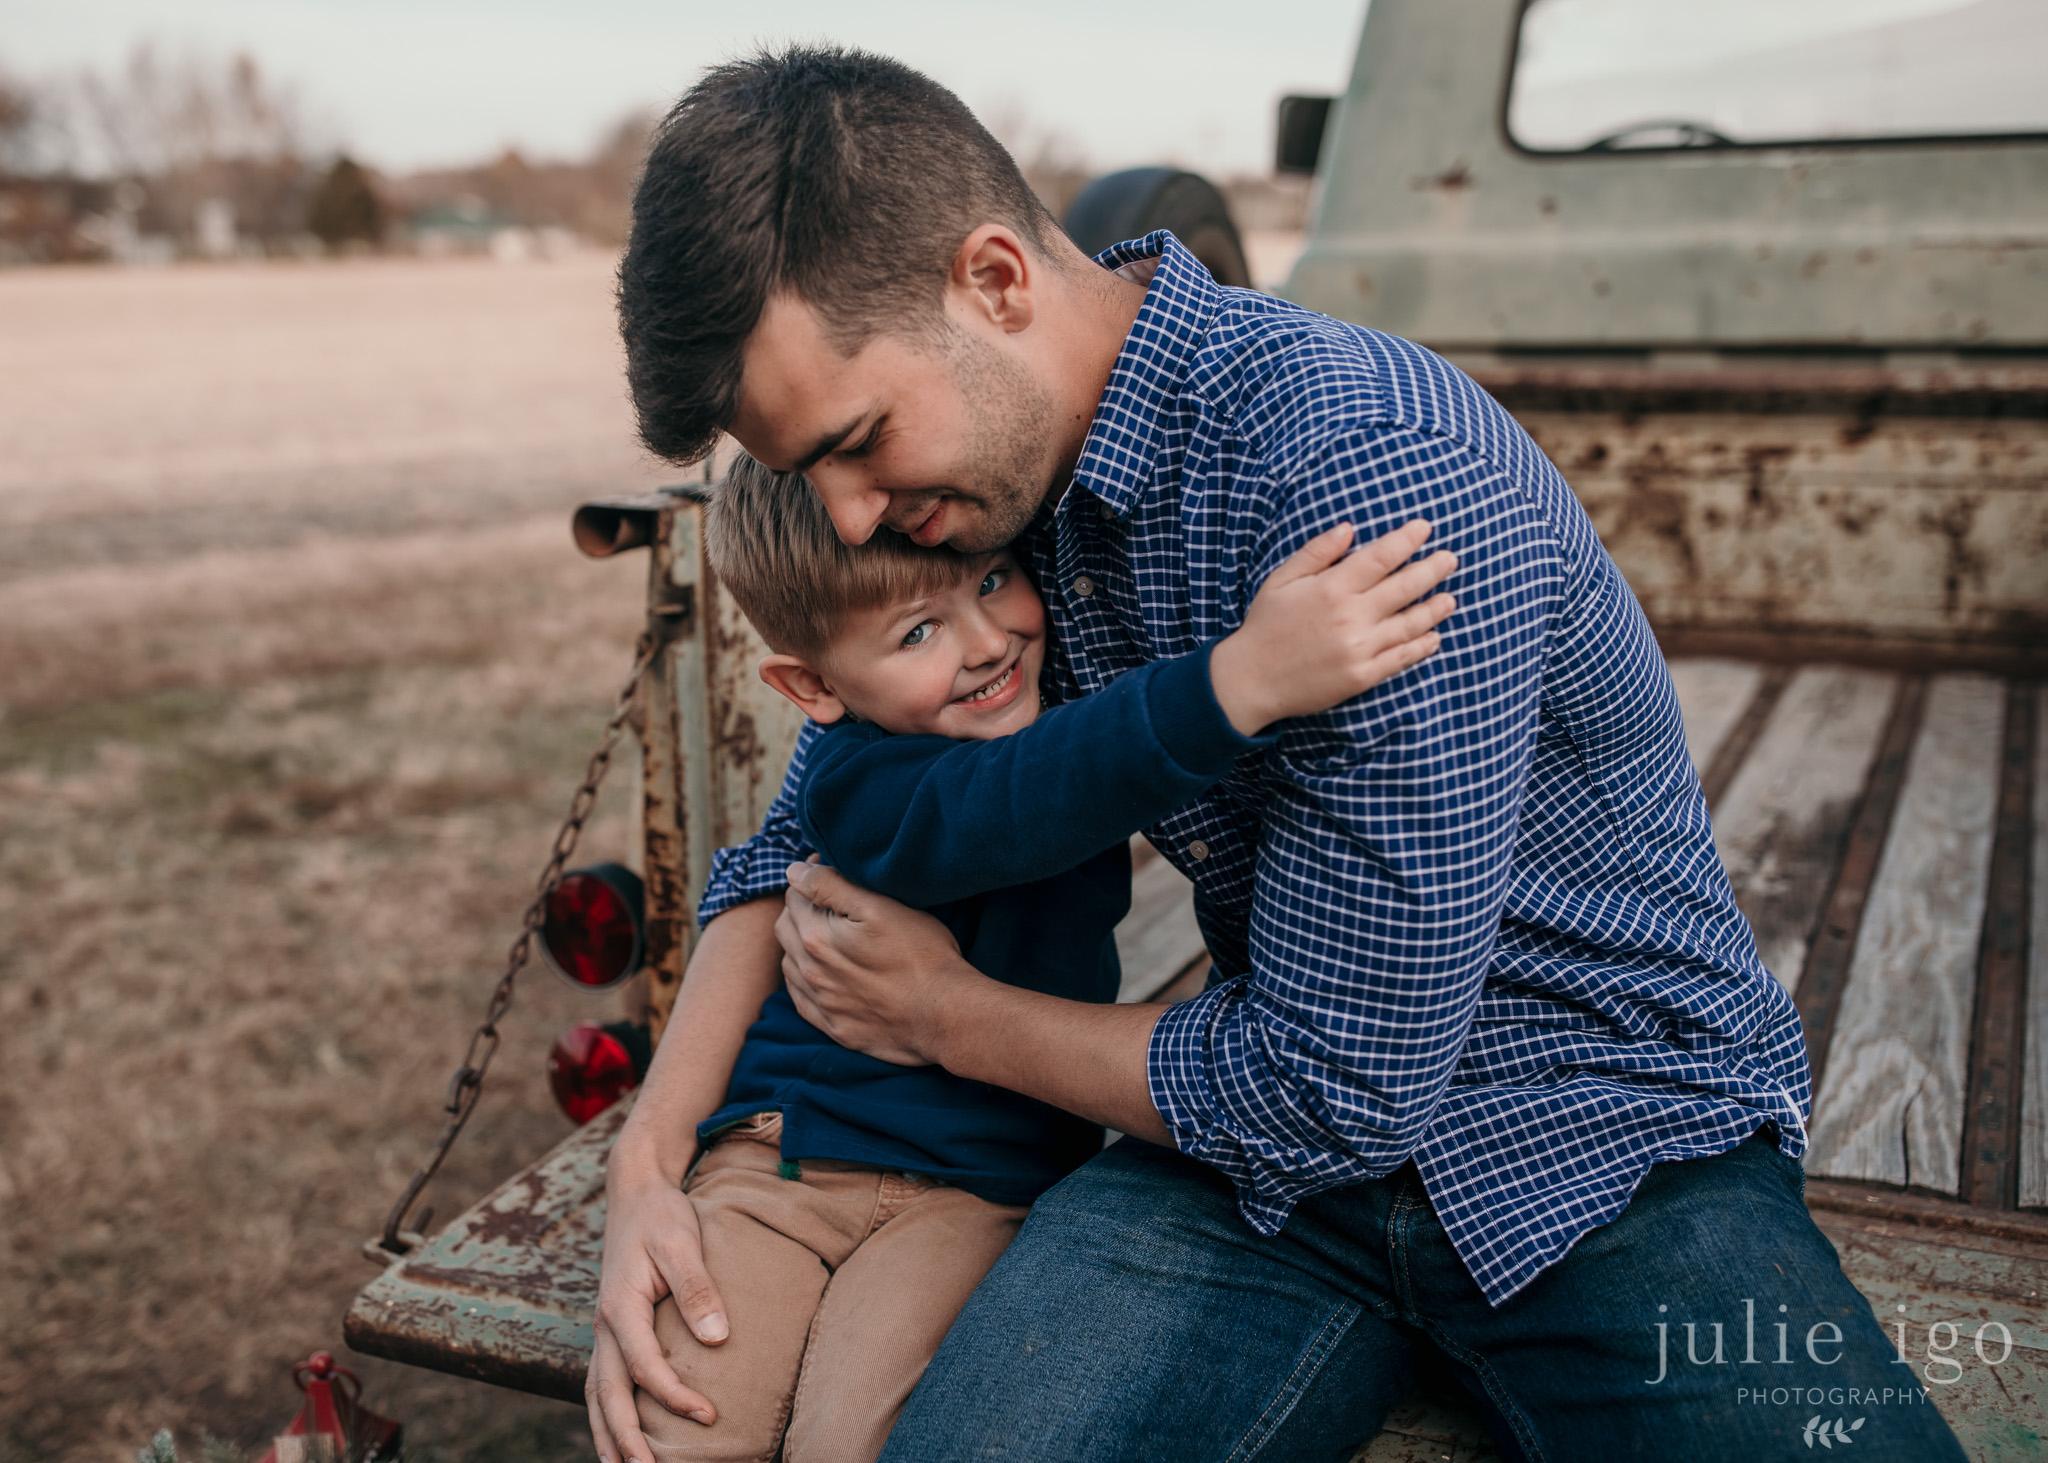 JulieIgoPhotography-18nov18-28.jpg